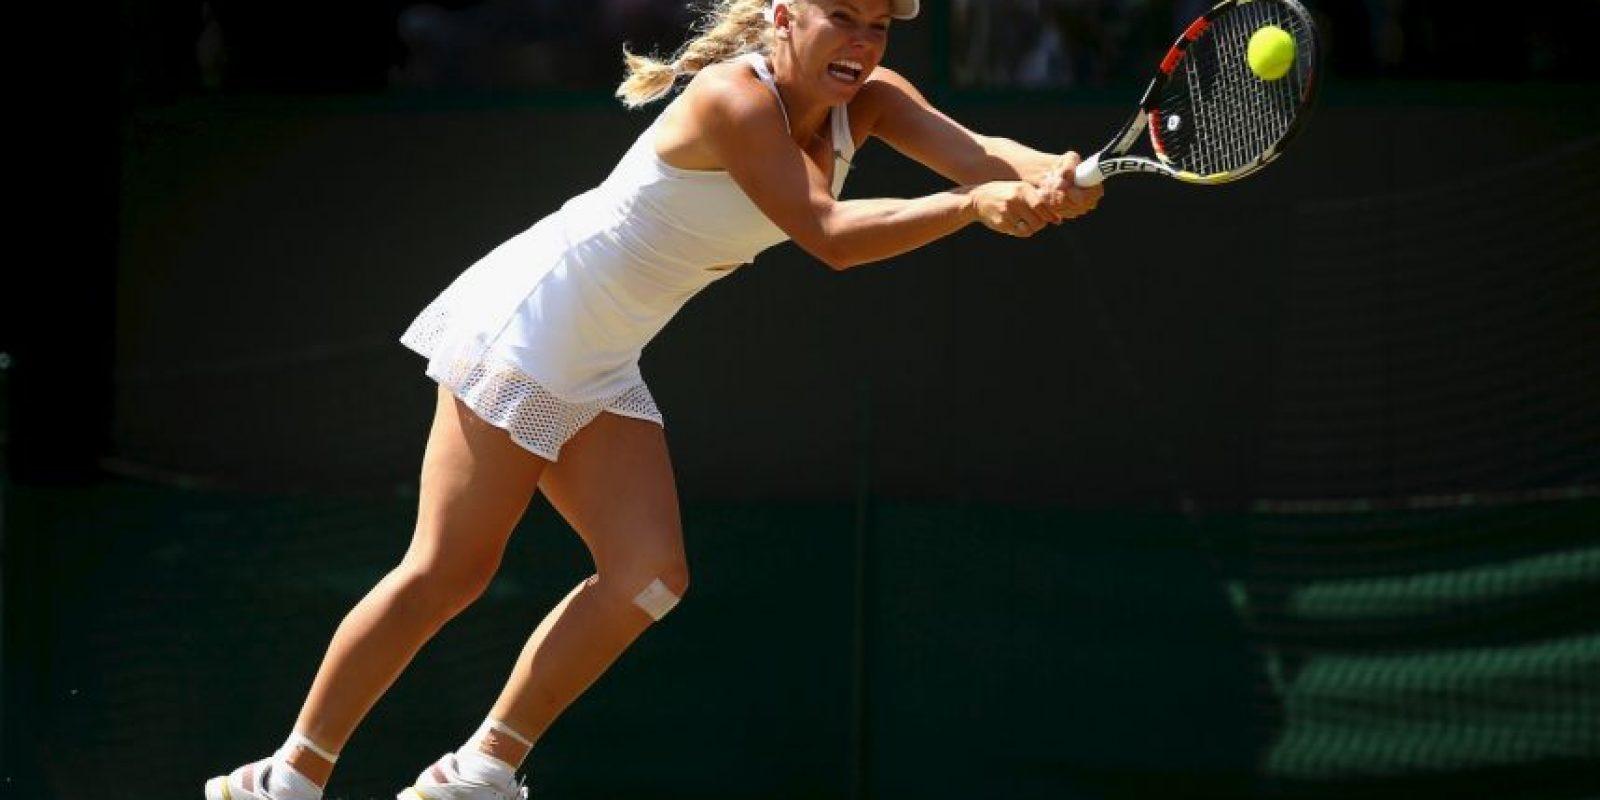 La danesa Caroline Wozniacki es una de las mejores tenistas del mundo en la actualidad. Foto:Getty Images